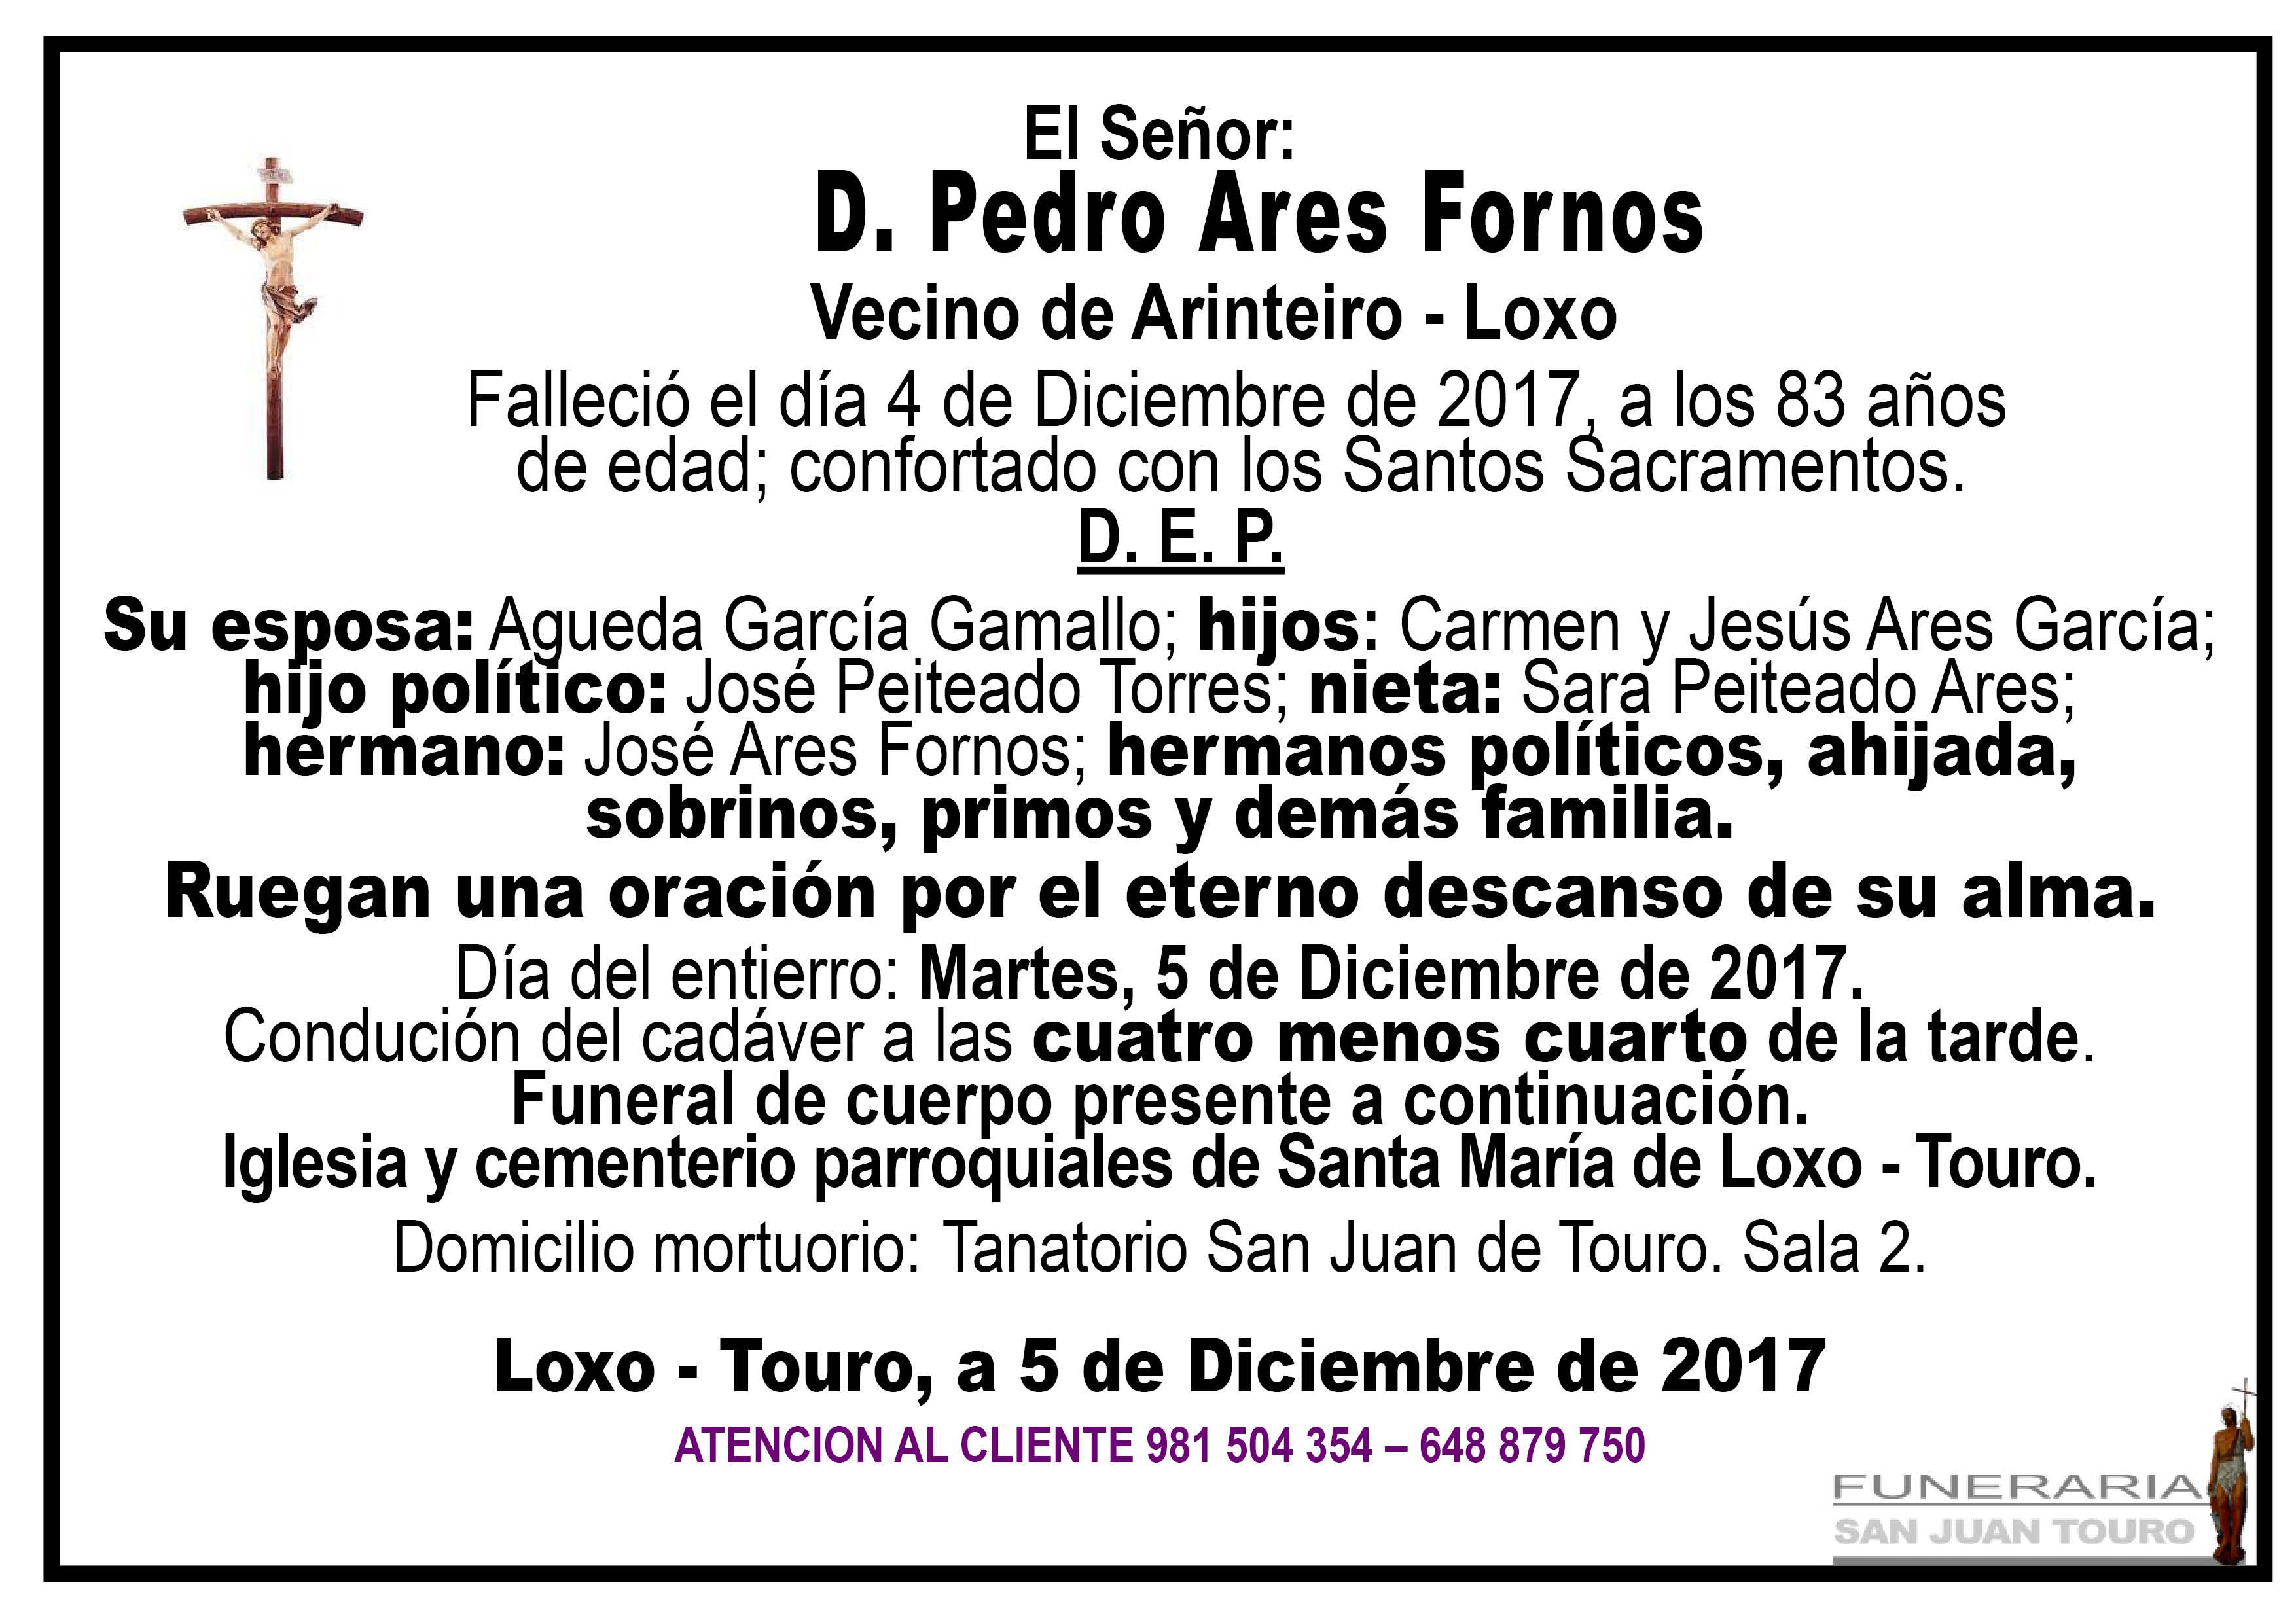 Esquela de SEPELIO DE D. PEDRO ARES FORNOS